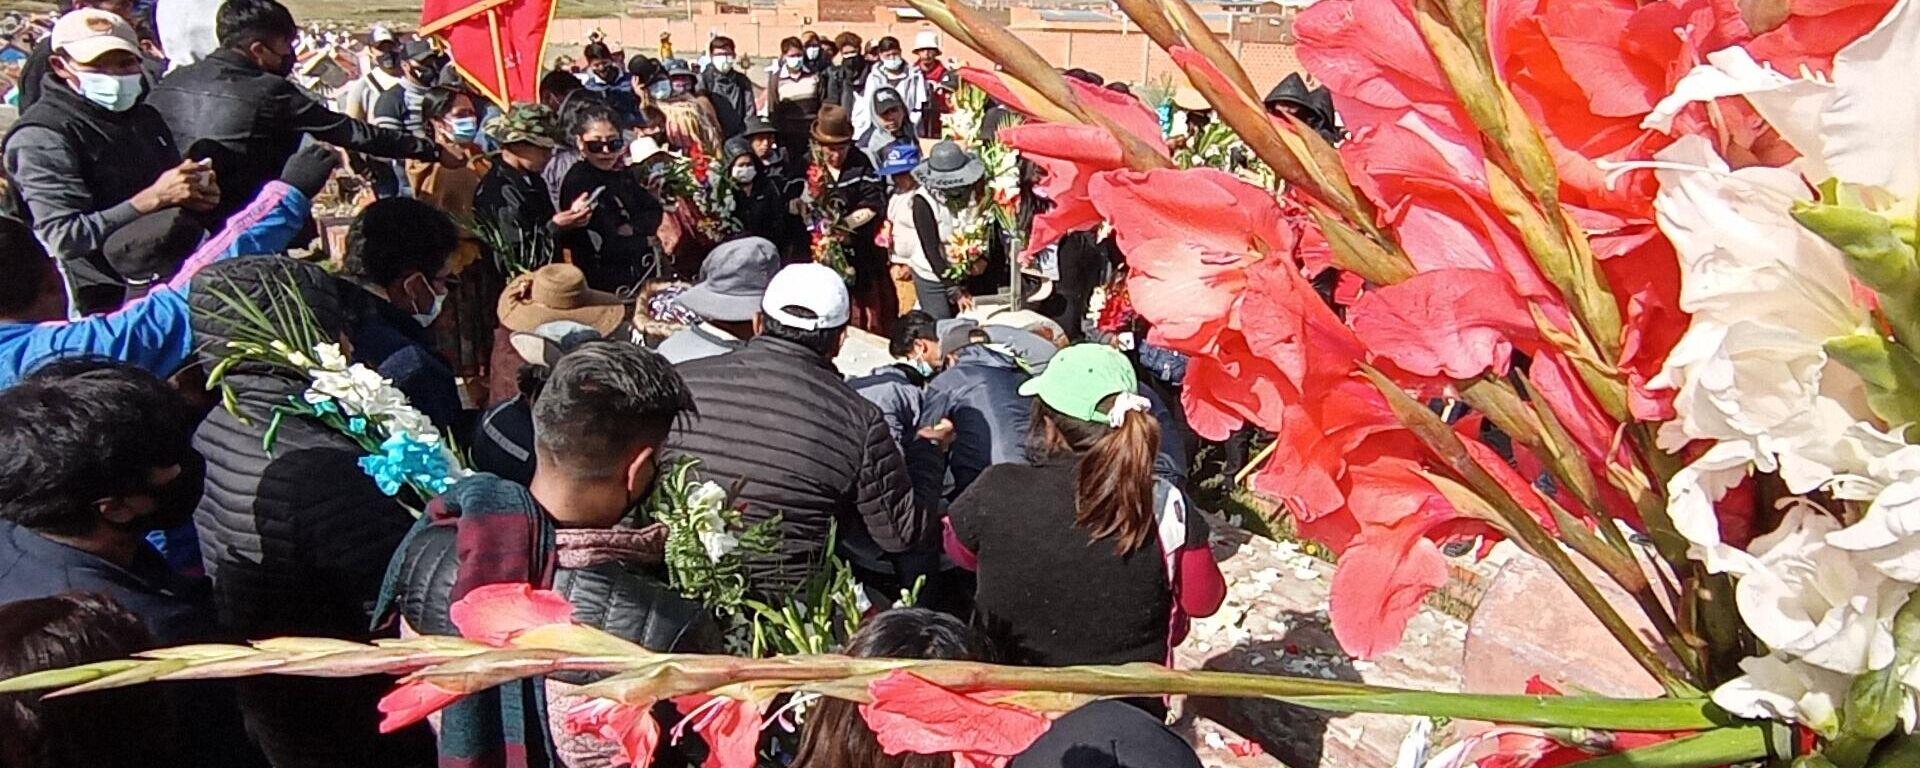 Entierro de Saúl Mamani, fallecido durante la tragedia en la Universidad Pública de El Alto, Bolivia - Sputnik Mundo, 1920, 05.03.2021